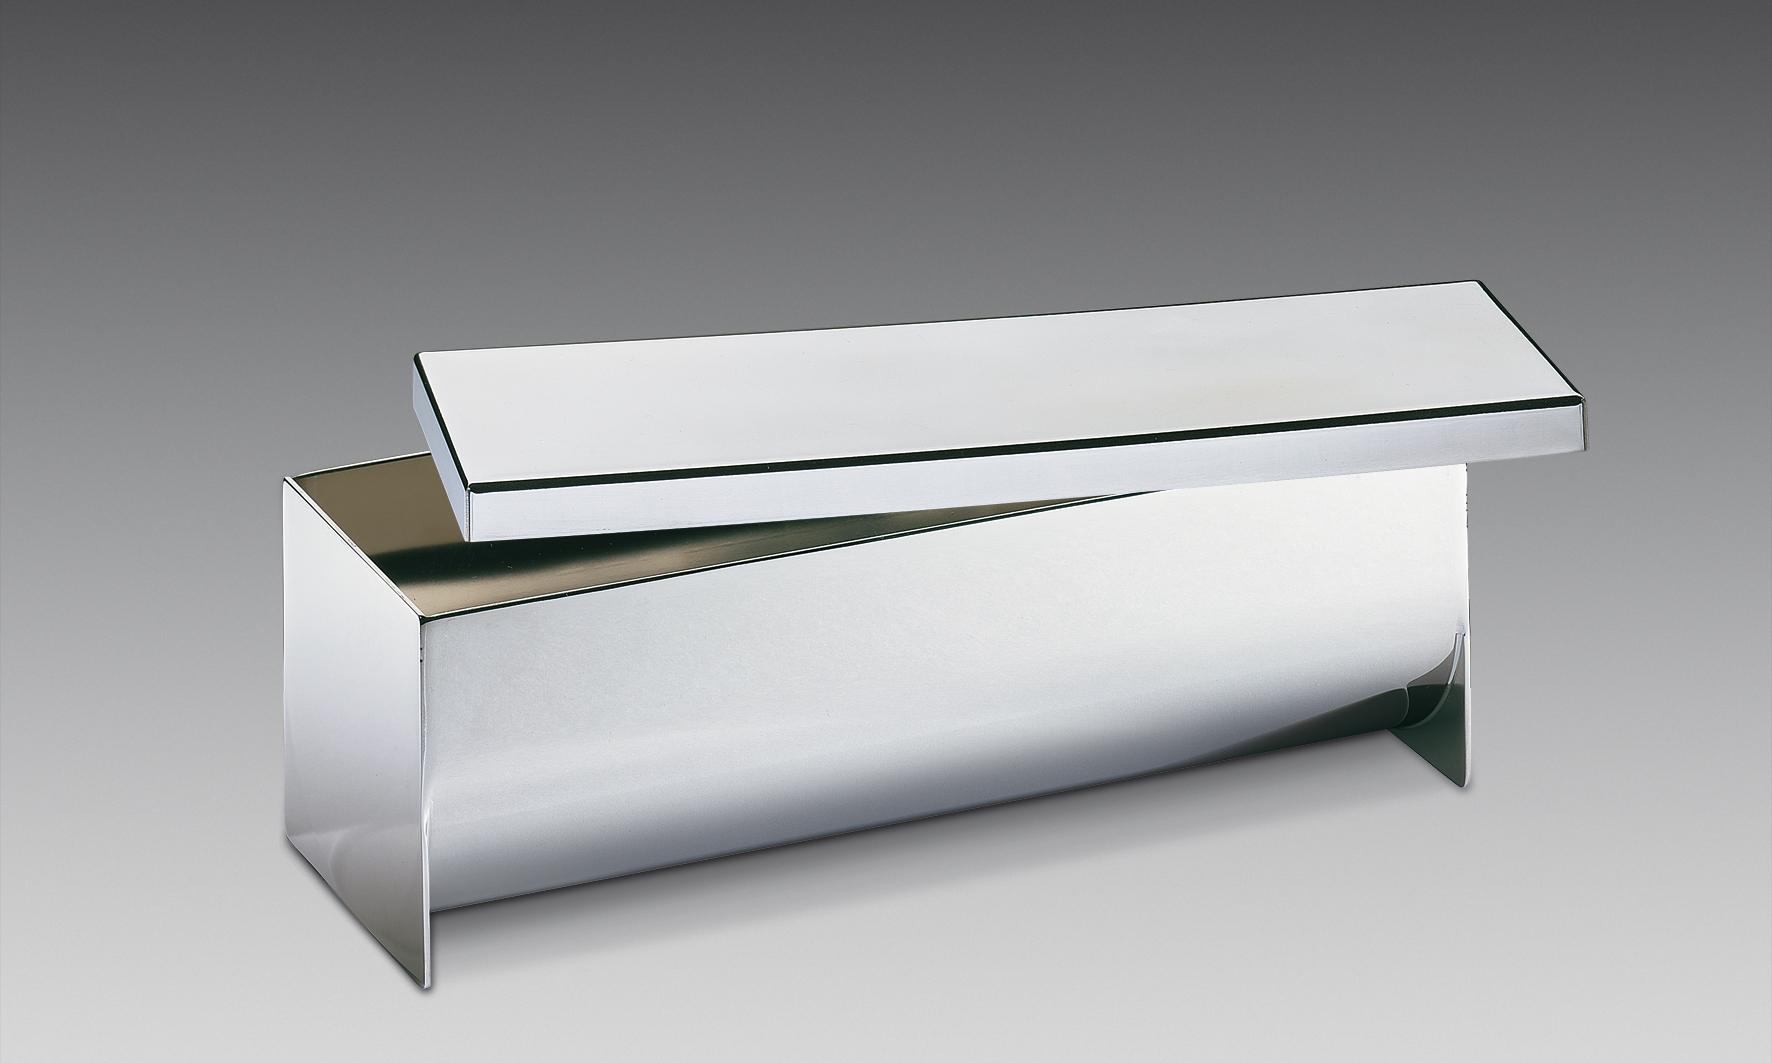 Forma na pečení hranatá krátká nerezová 23,5 x 7,5 cm PROFI - Küchenprofi